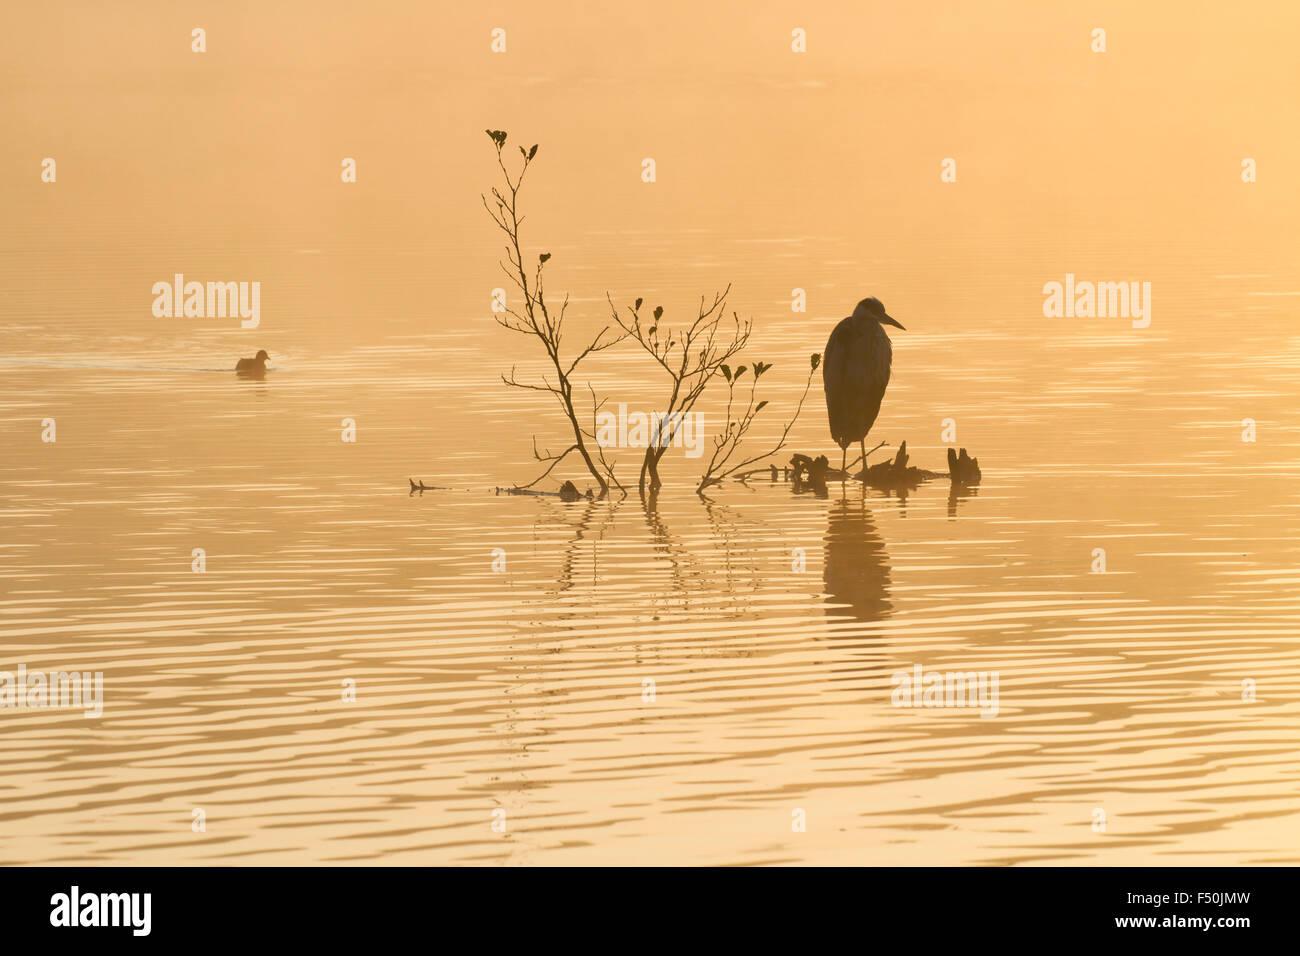 Graureiher (Ardea Cinerea) auf einem Ast in der Mitte eines Sees mit einem Blässhuhn (Fulica Atra) vorbei schwimmen Stockbild